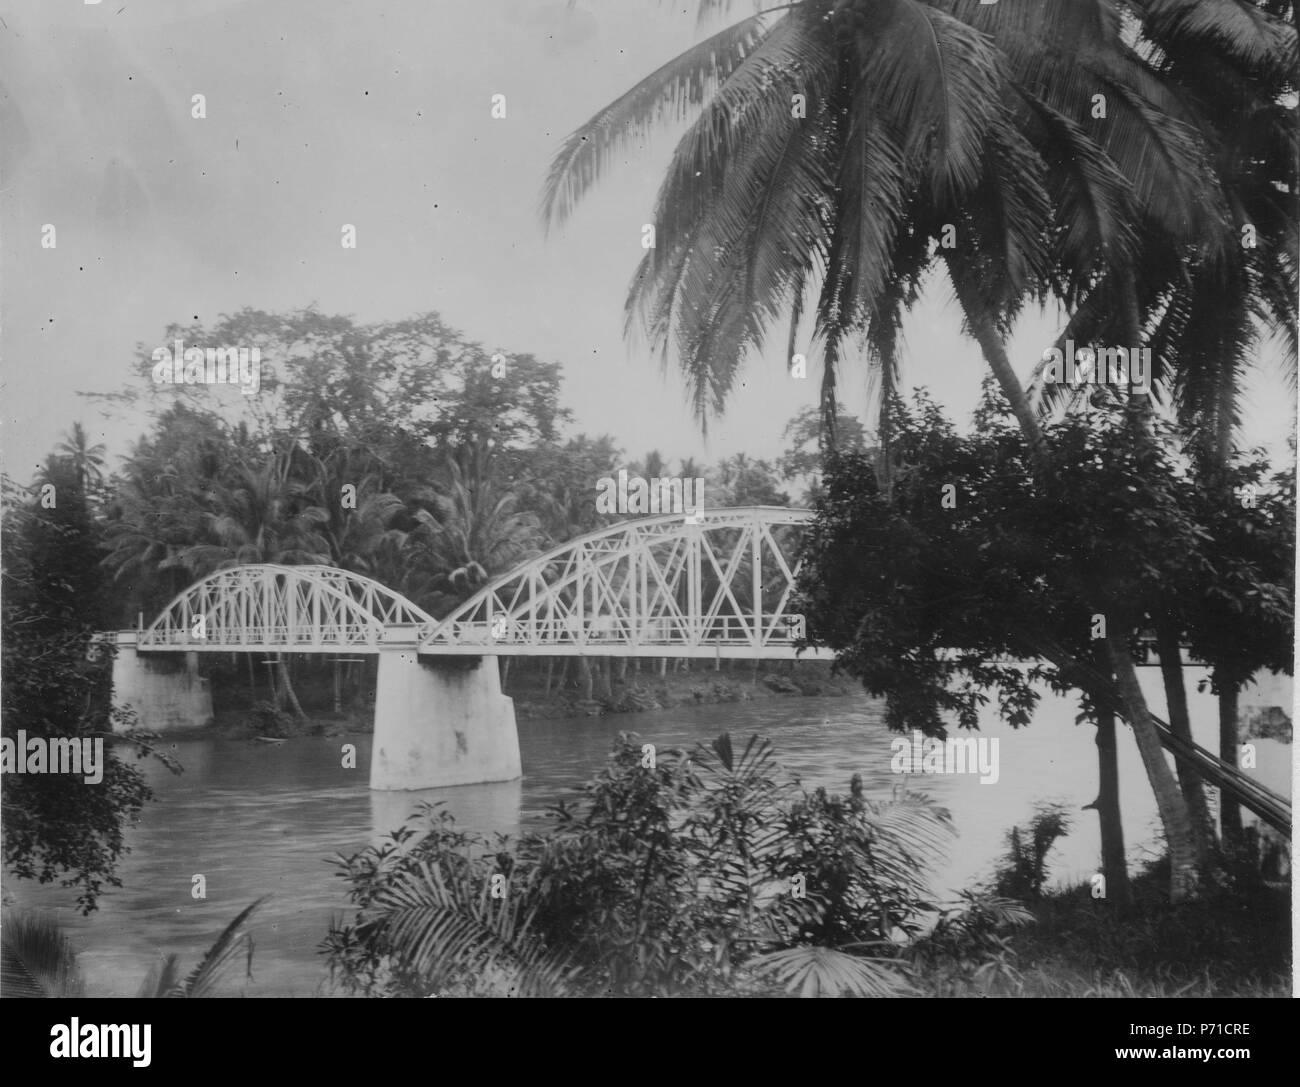 42 Modern landsvägsbro. Sulawesi. Indonesien - SMVK - 000259 - Stock Image